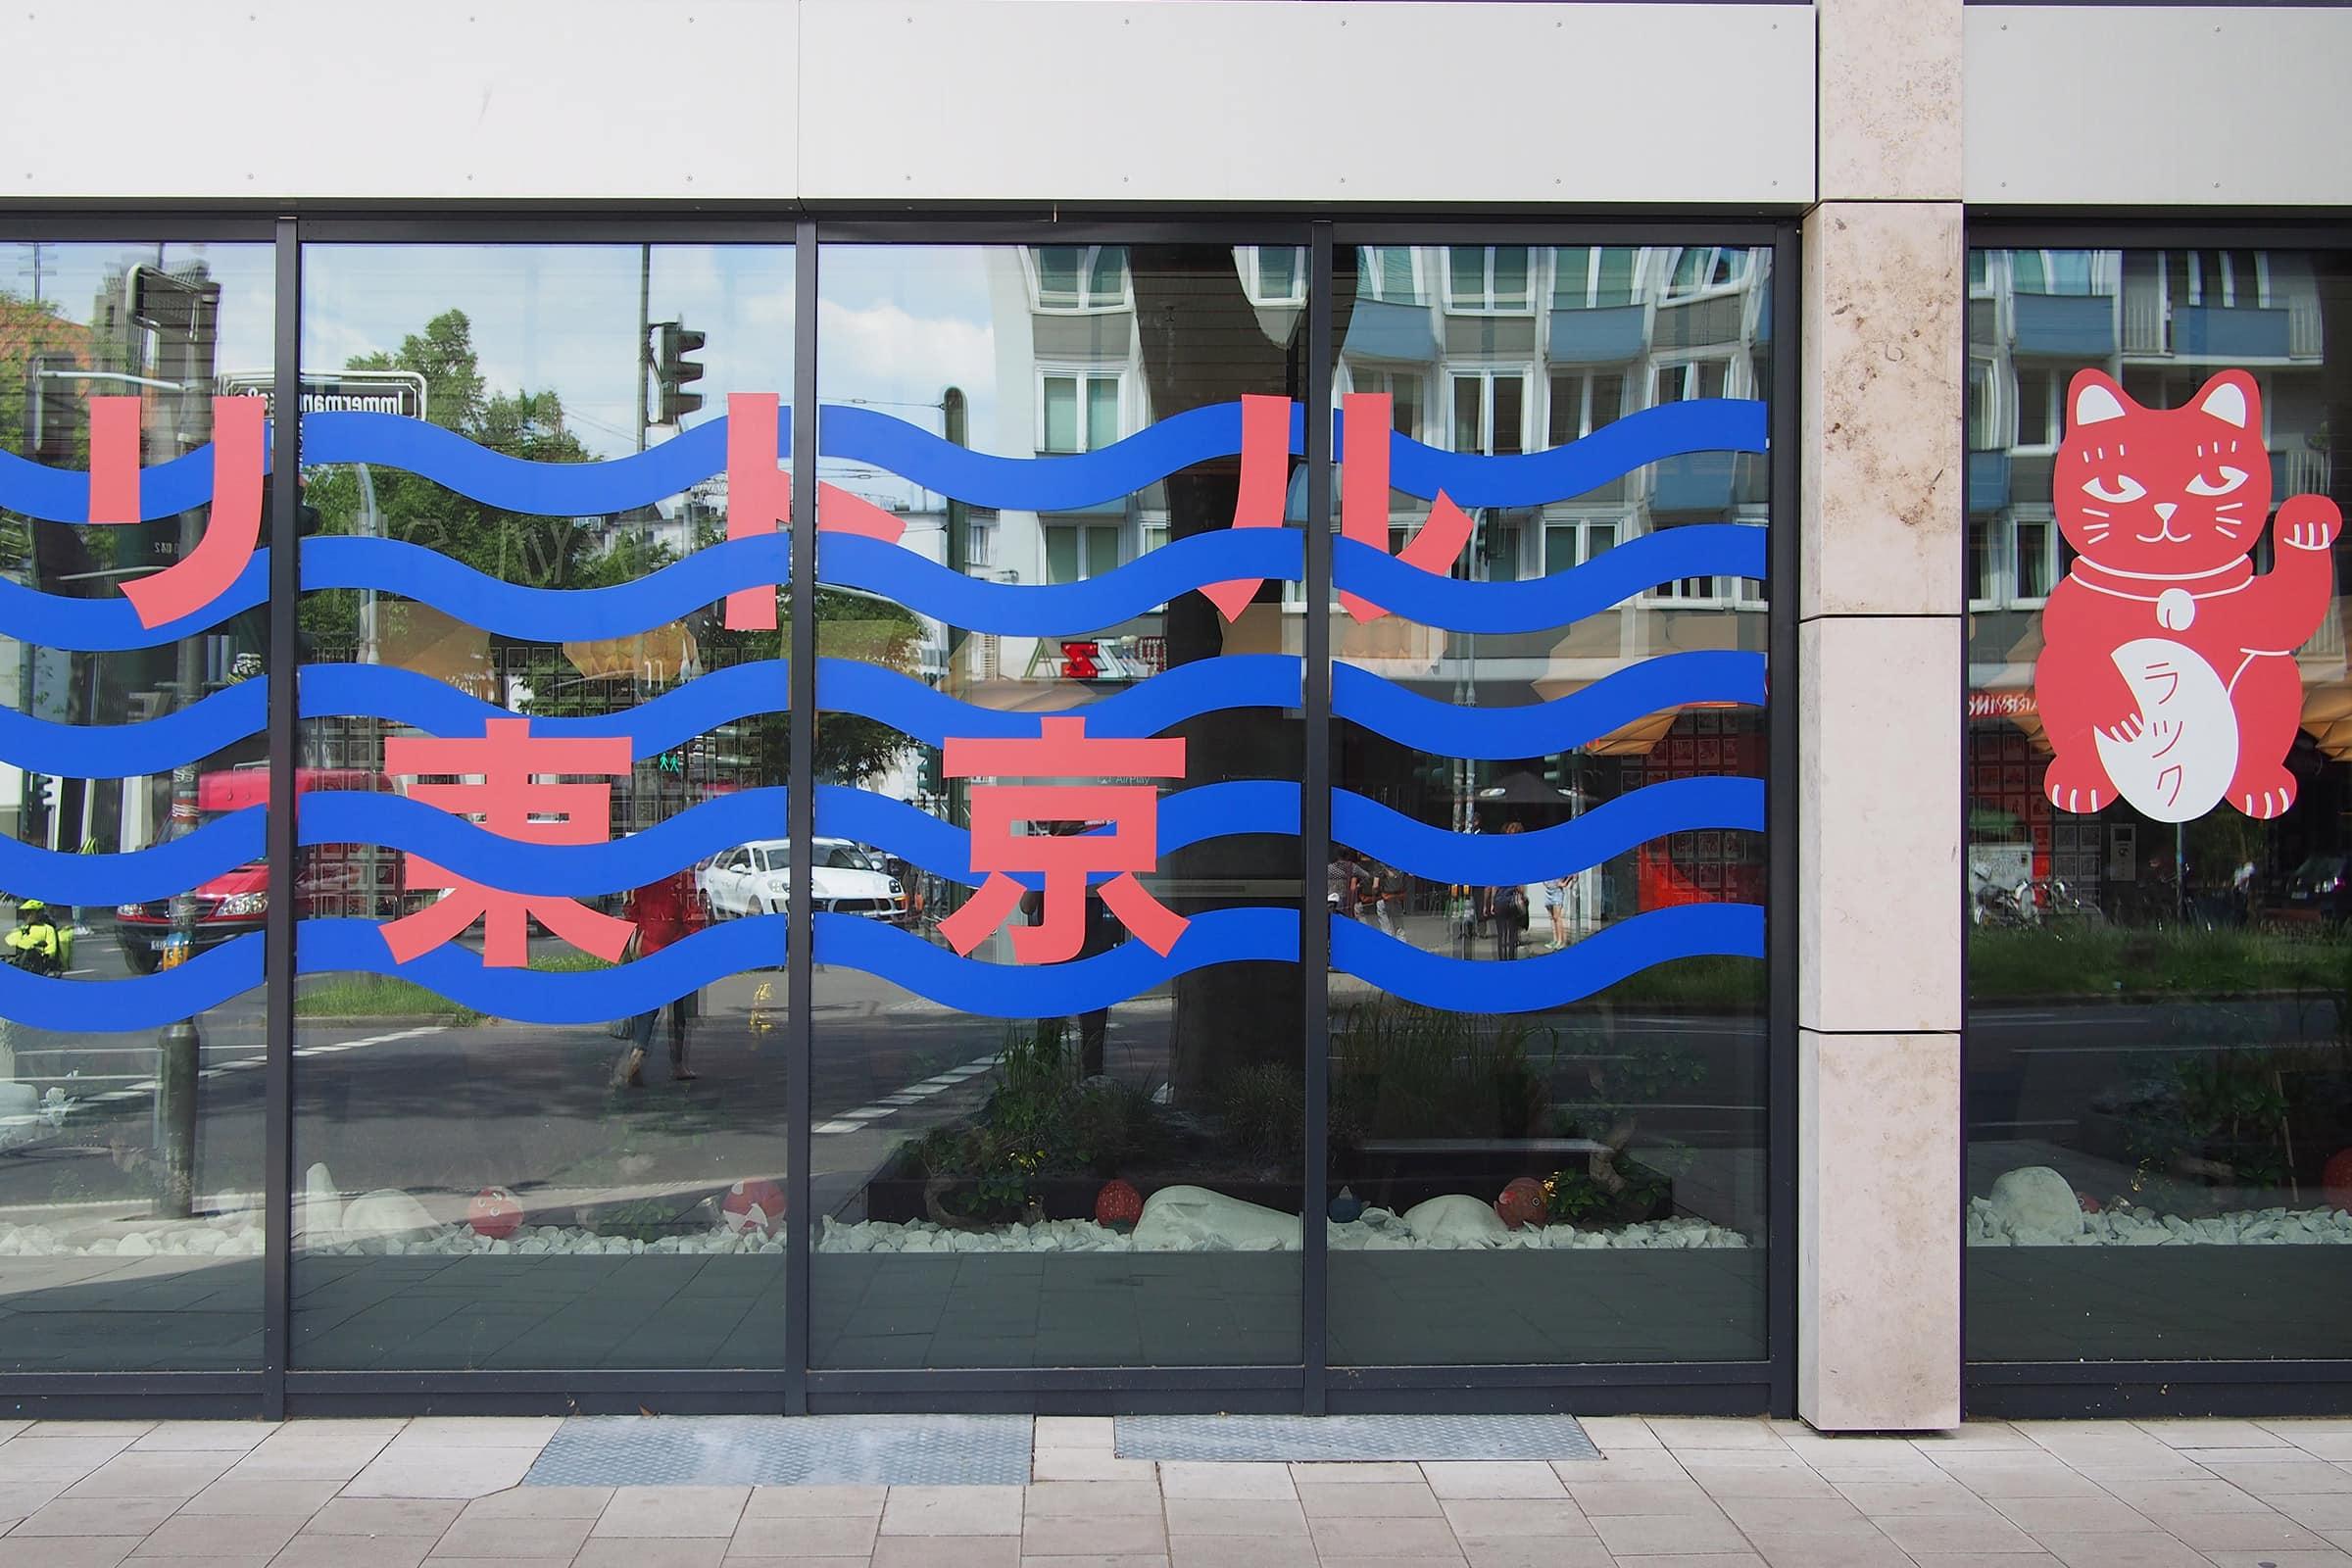 Düsseldorf, Design, Fensterbeklebung, Illustration, Little Tokyo, me and all hotels